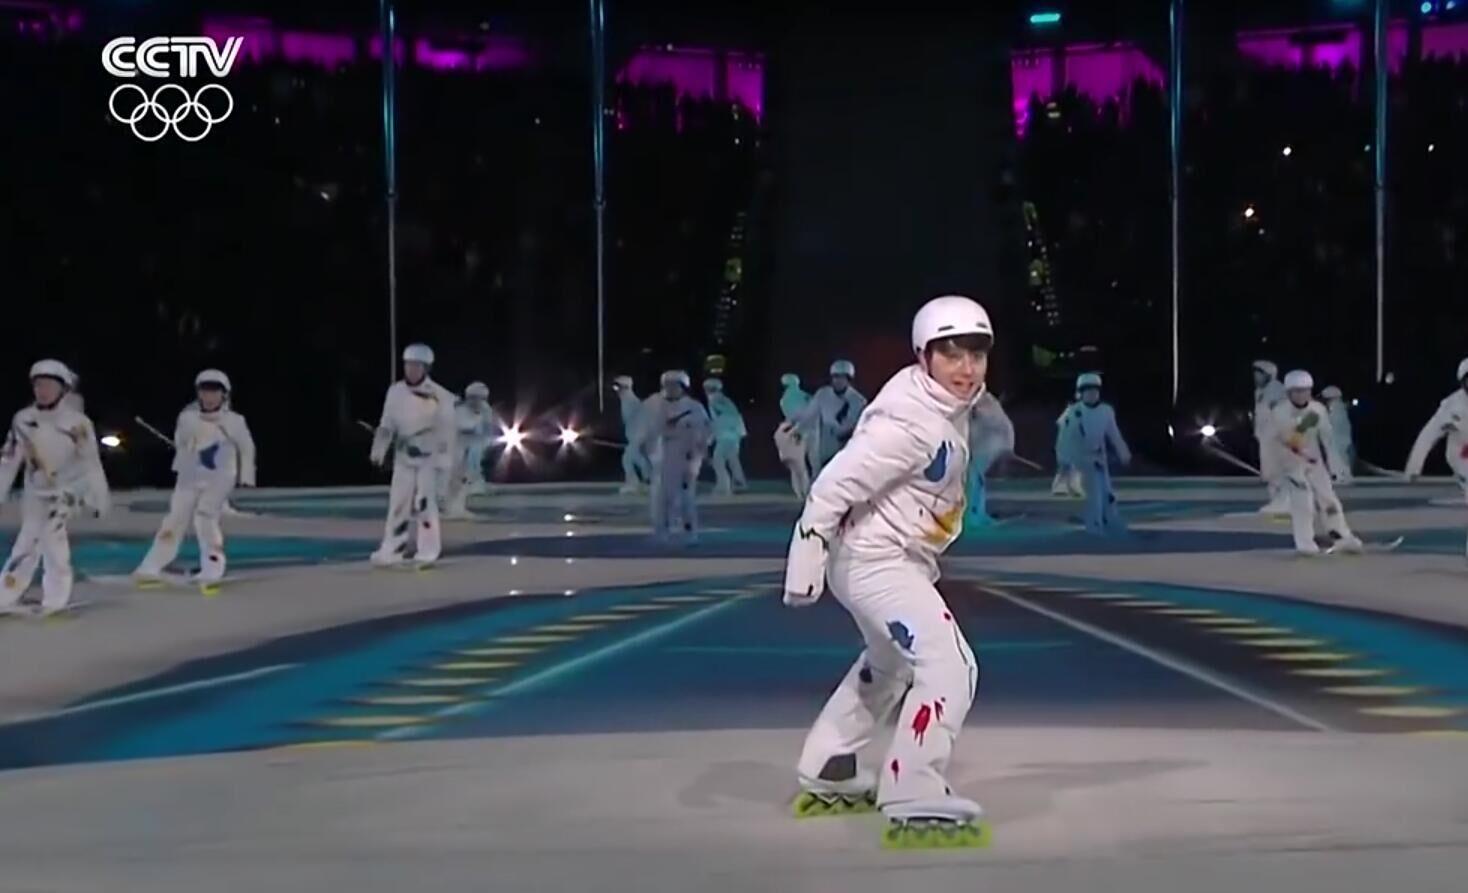 平昌冬奥会闭幕式【轮滑展现五环】